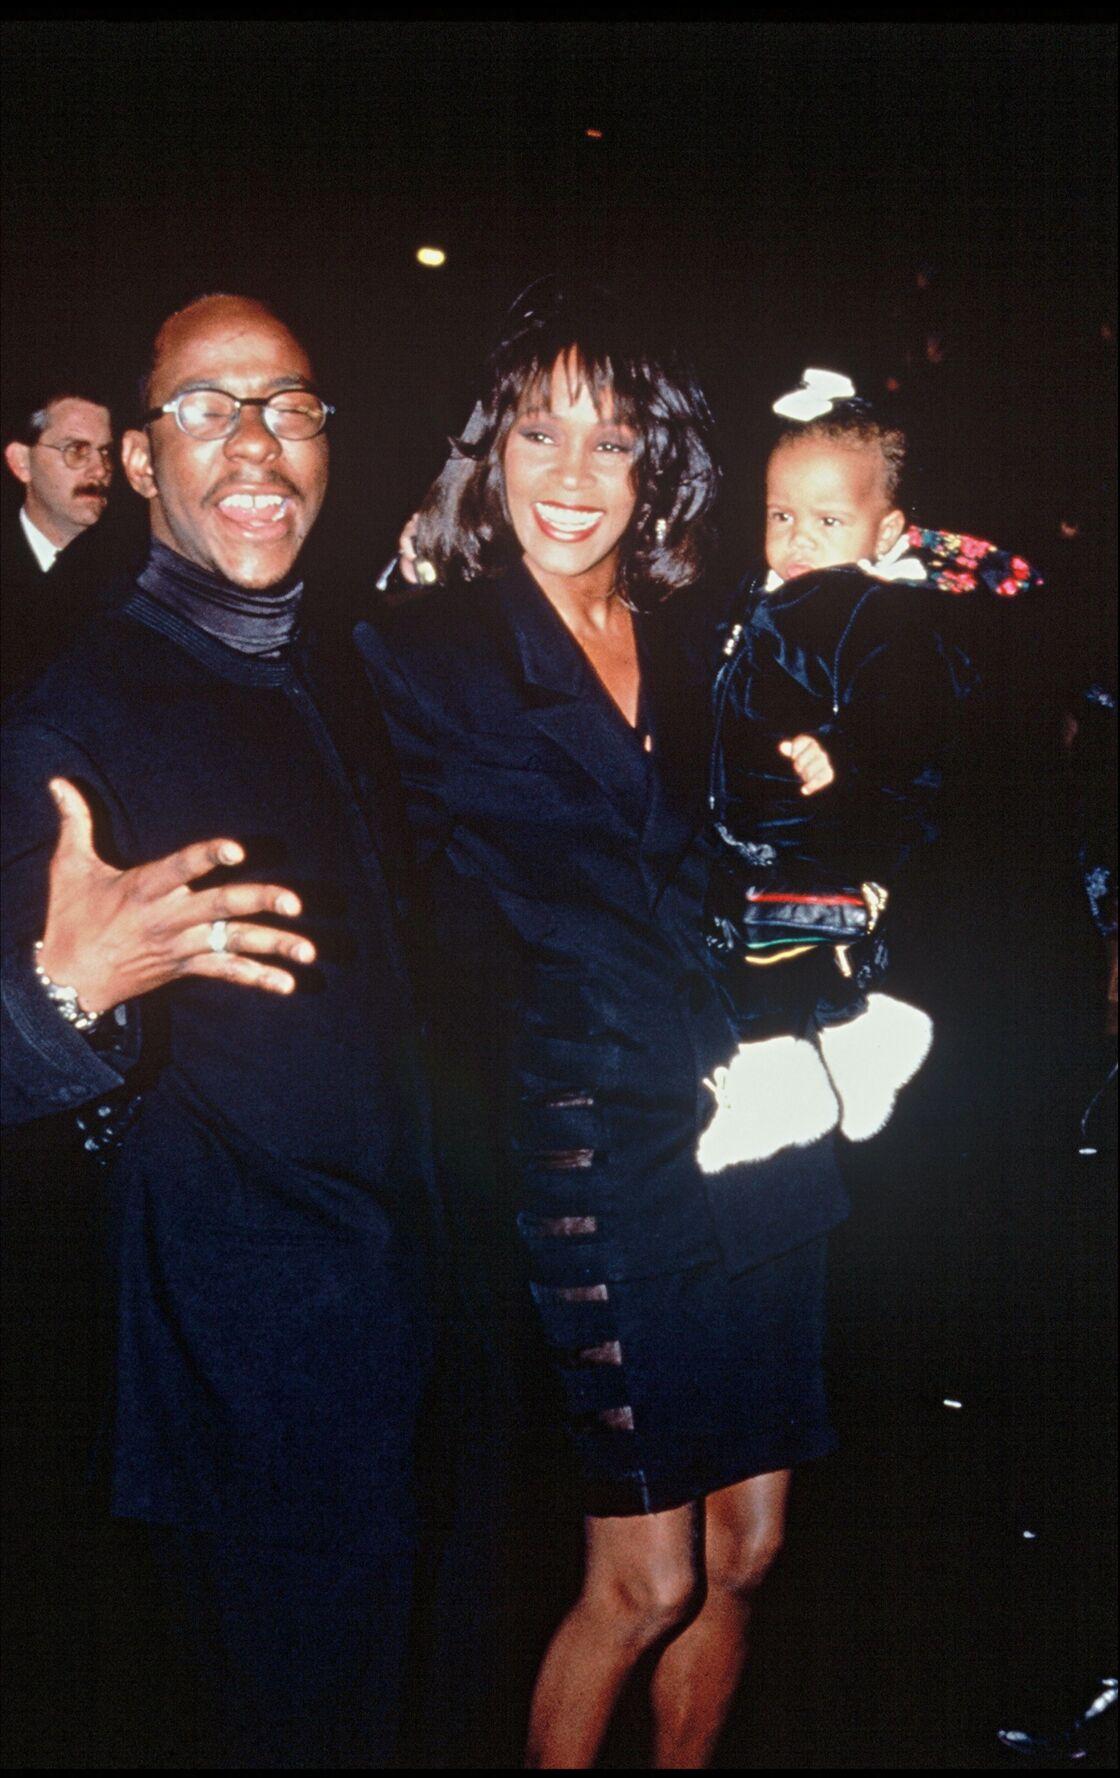 Le 4 mars 1993, Whitney et Bobby donnent naissance à une petite fille, Bobbi Kristina, premier témoin de leur autodestruction